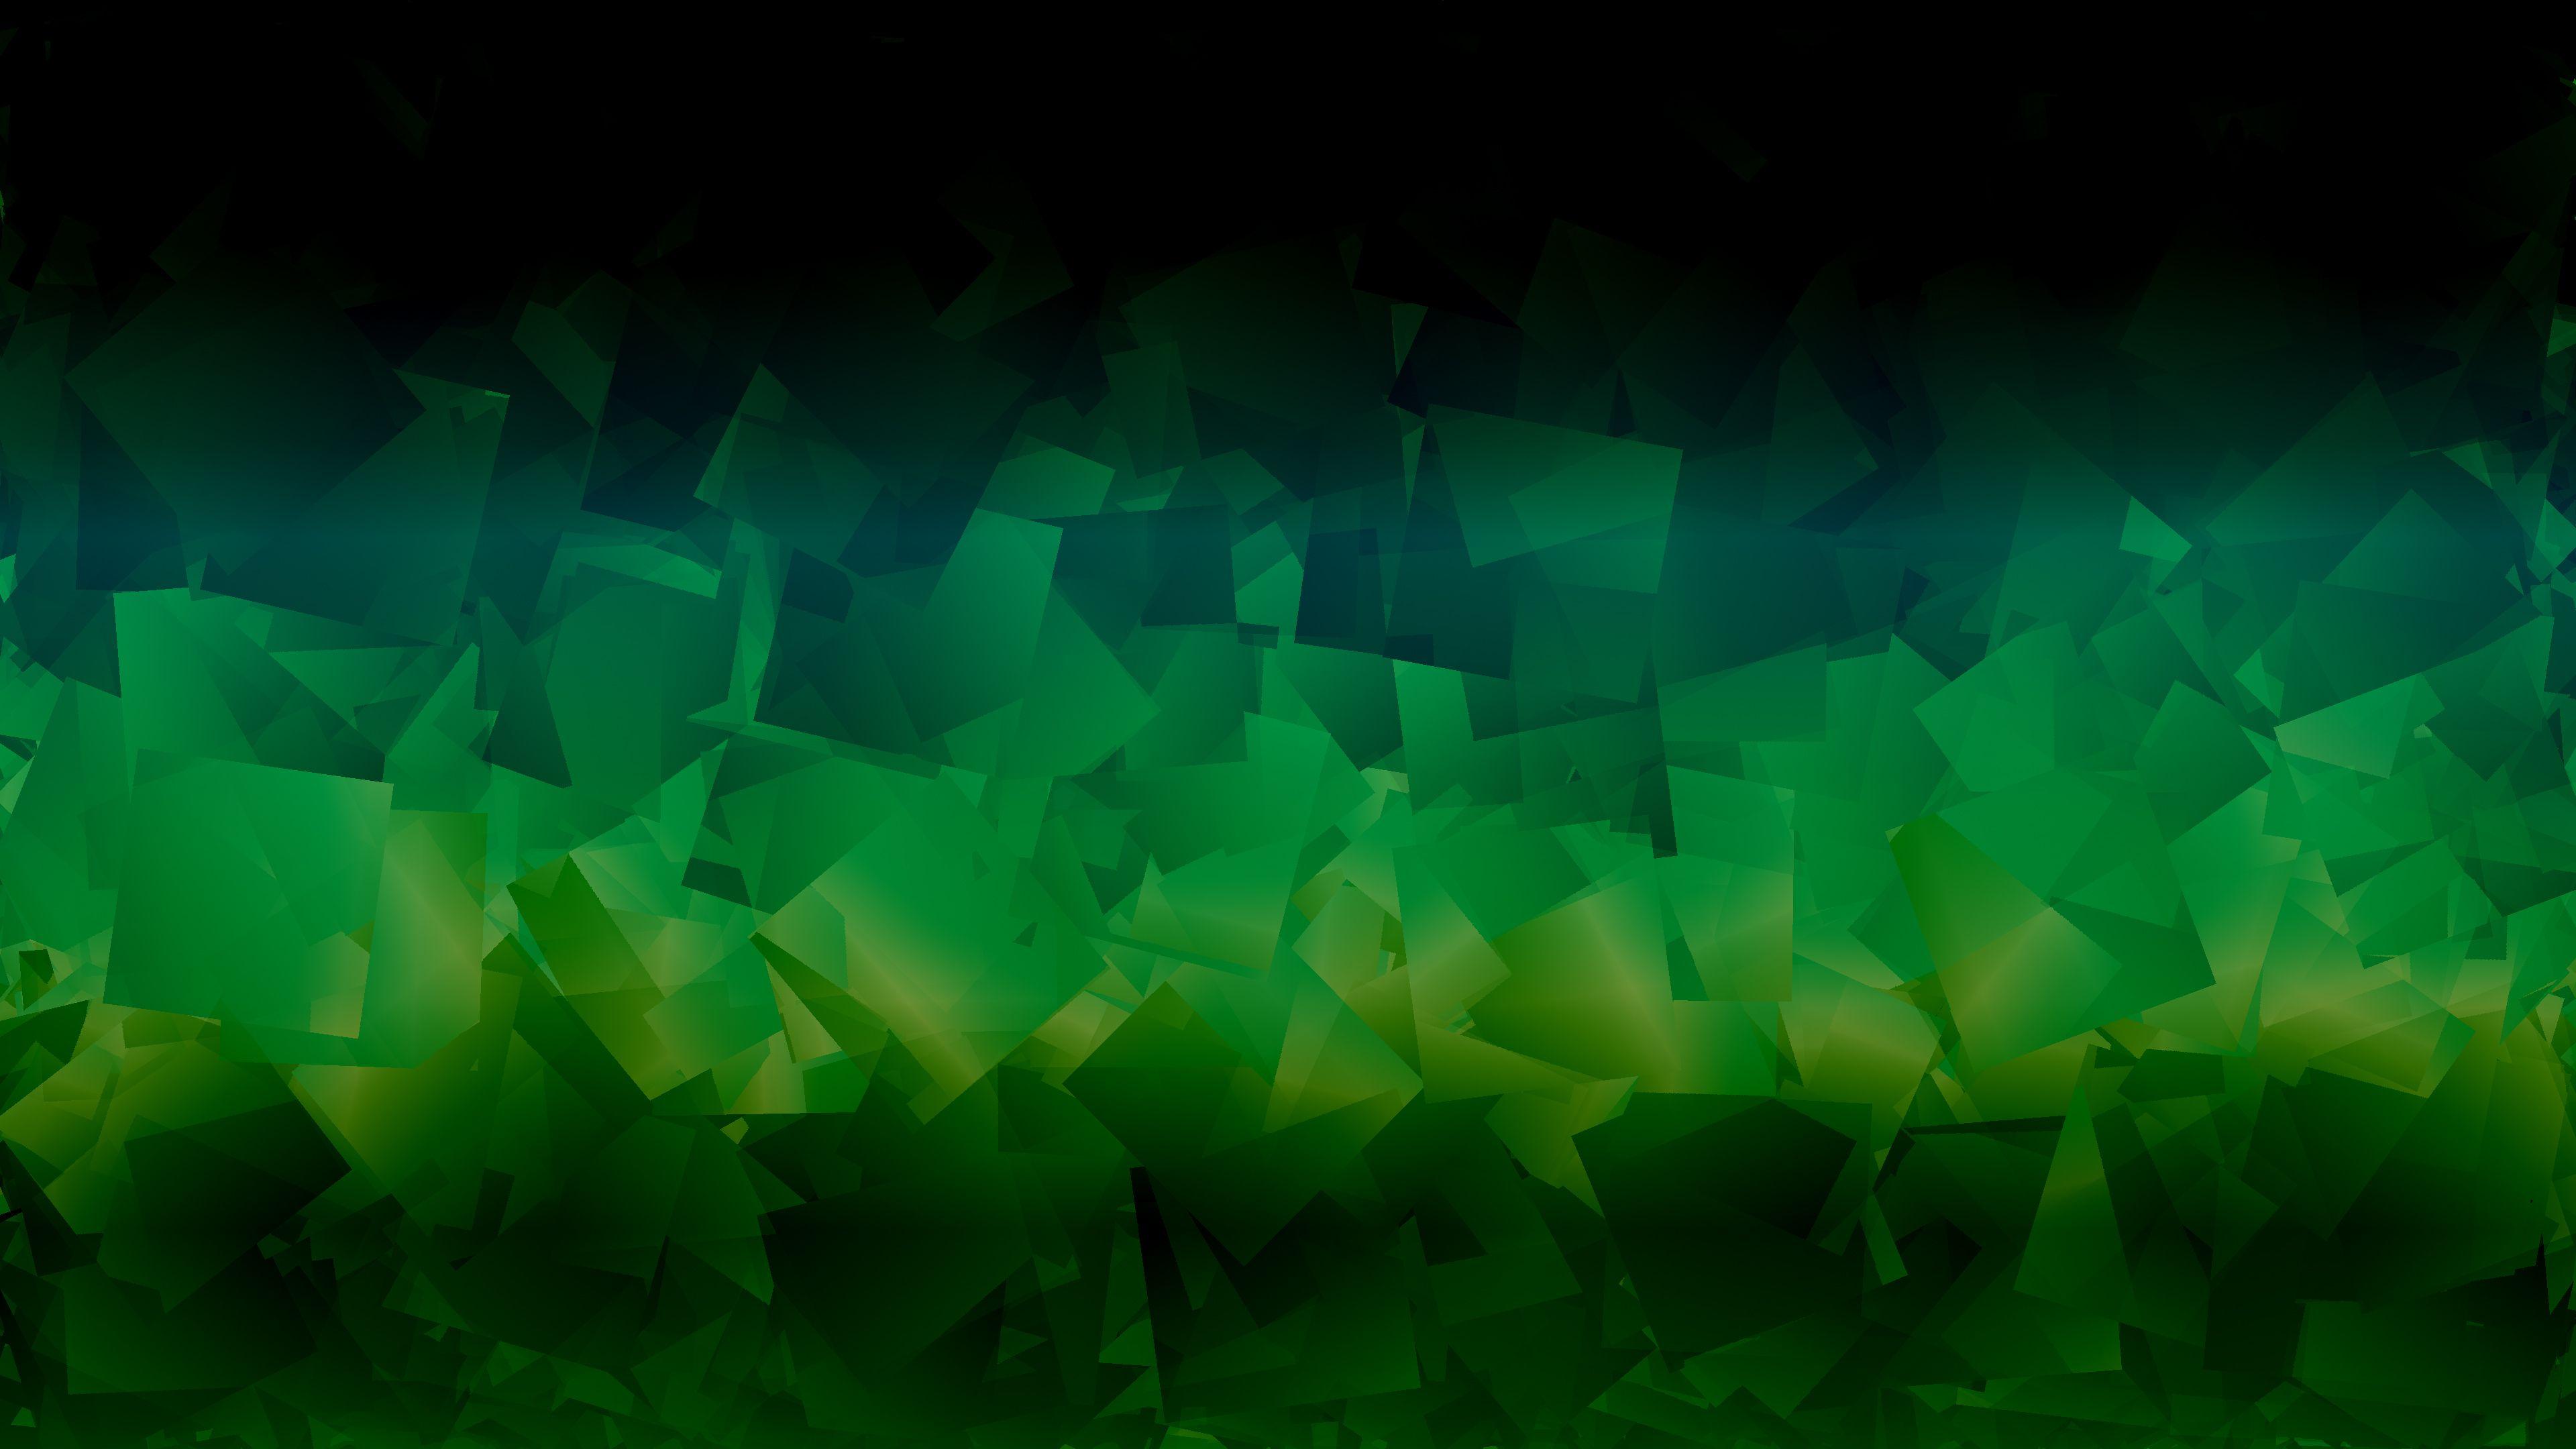 Green Dark Wallpaper 4k In 2020 Dark Wallpaper Dark Green Wallpaper Abstract Wallpaper